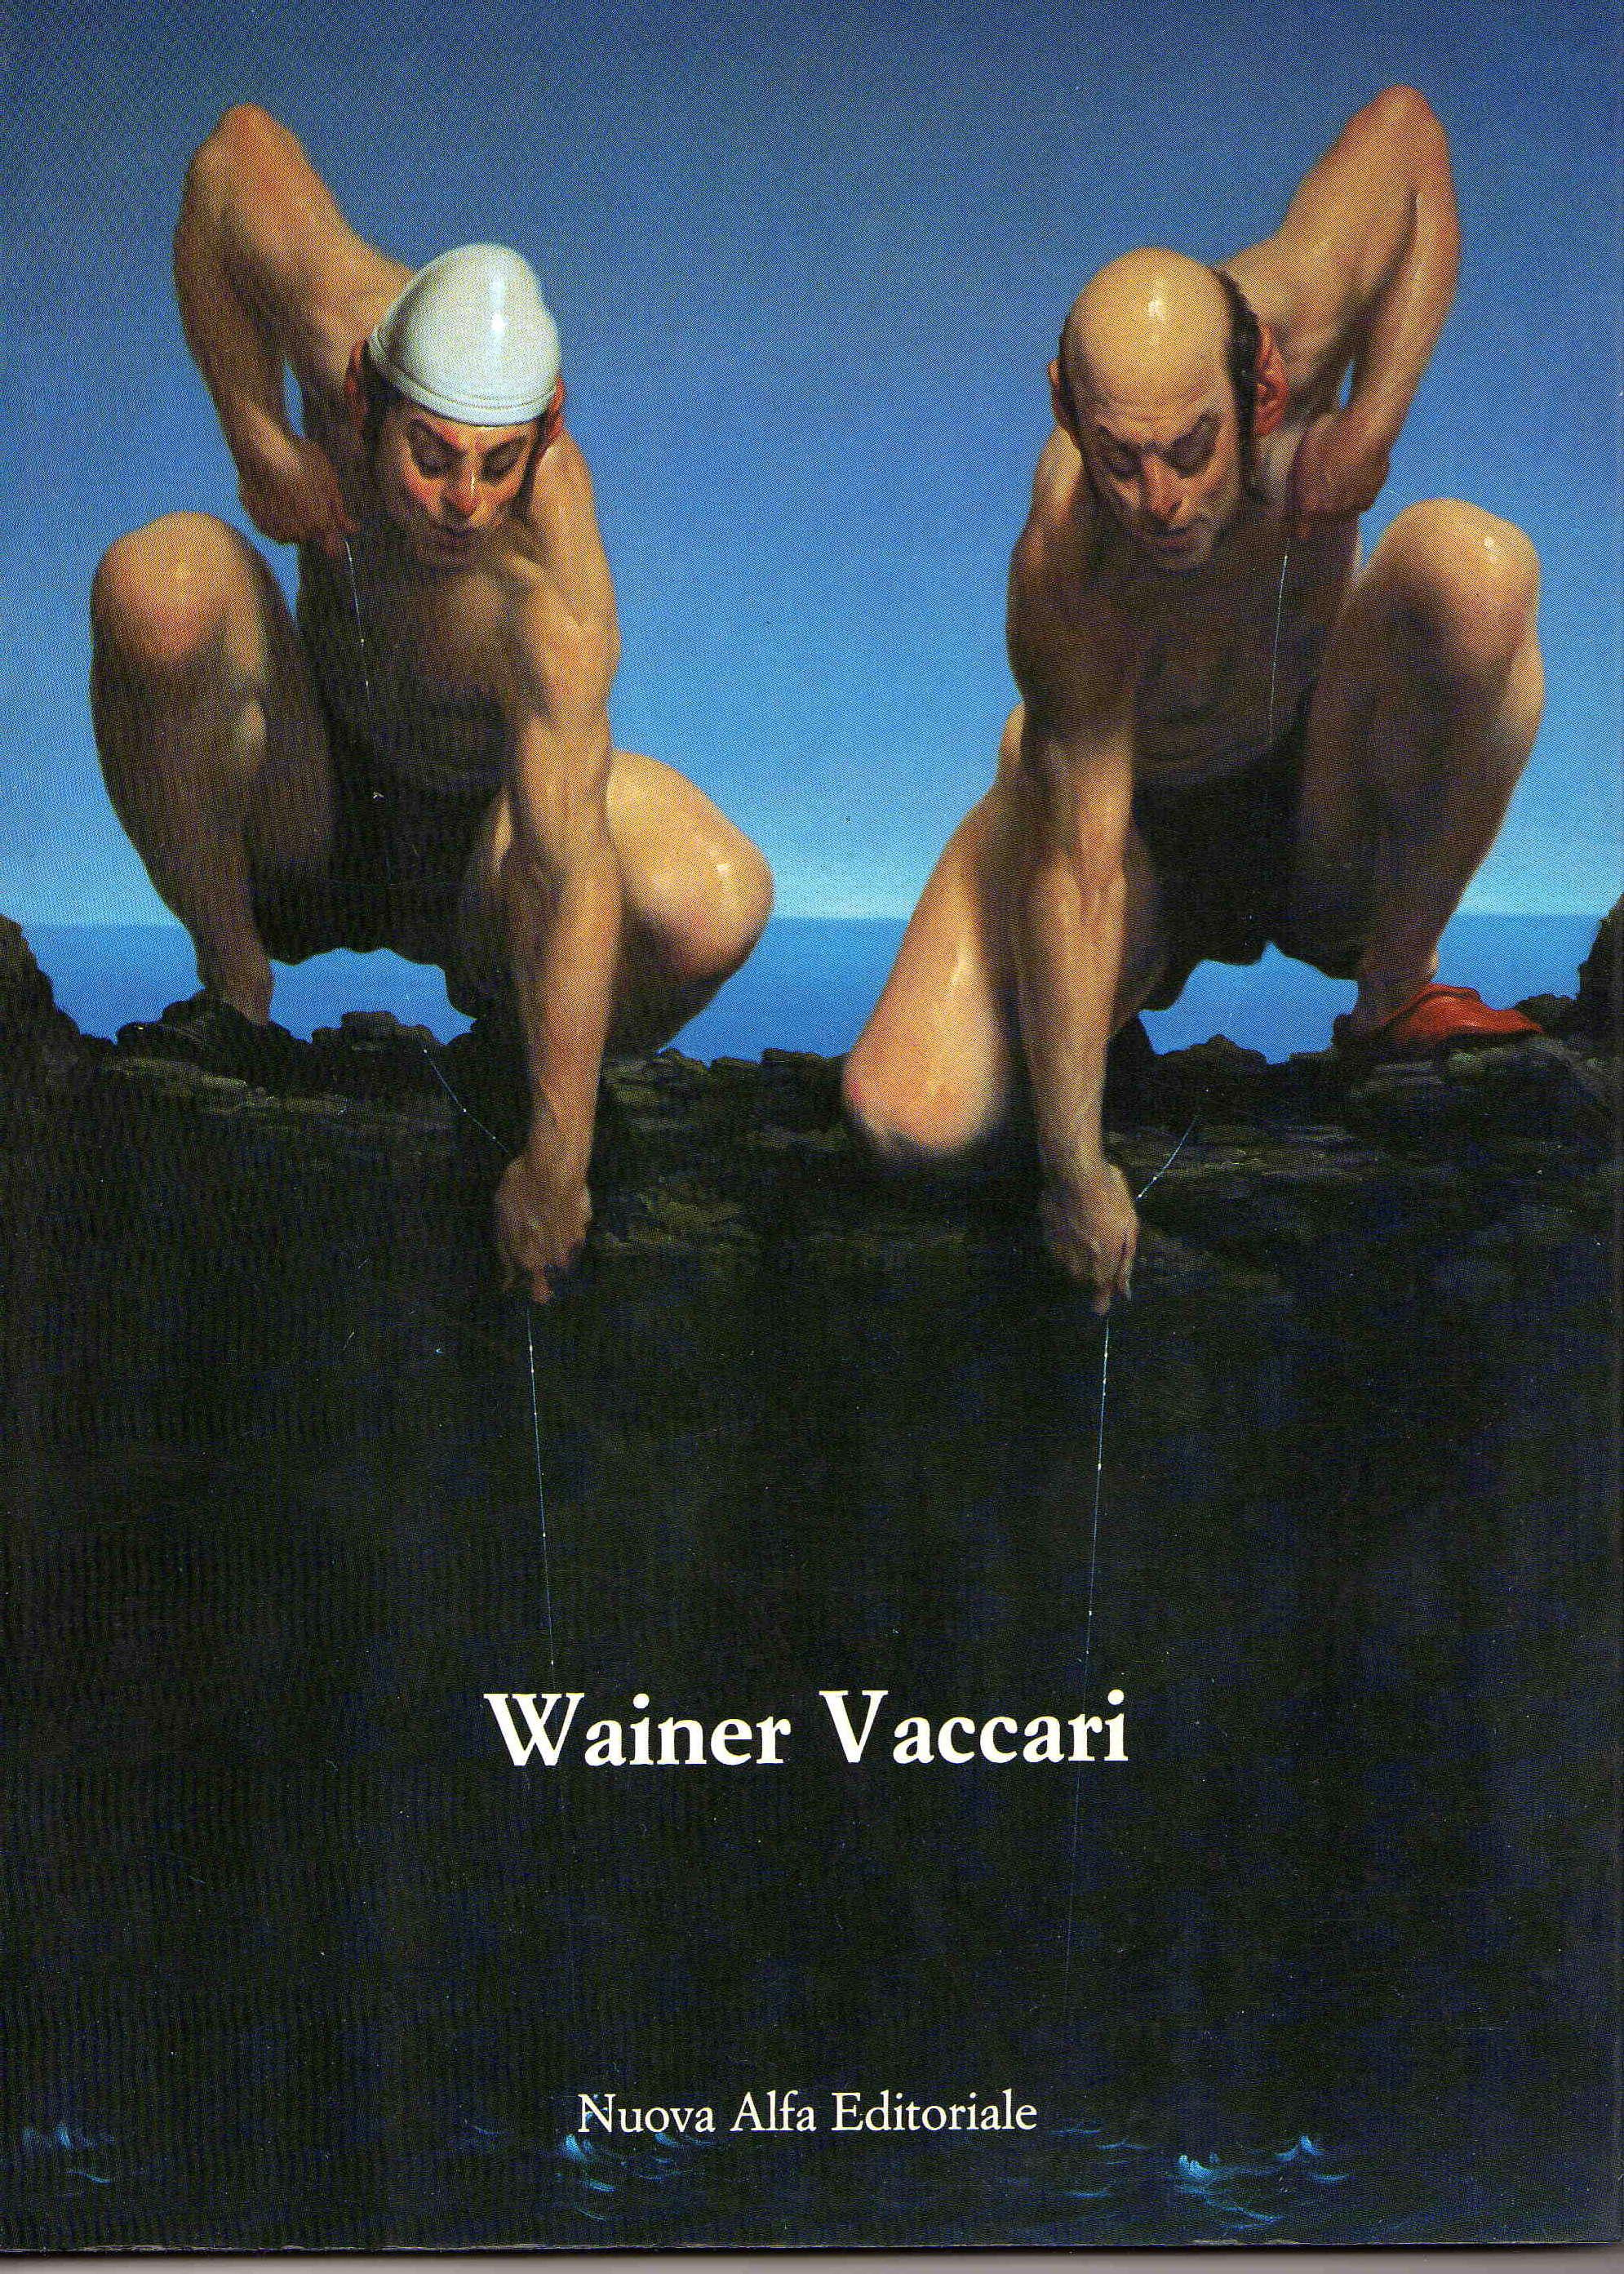 Wainer Vaccari